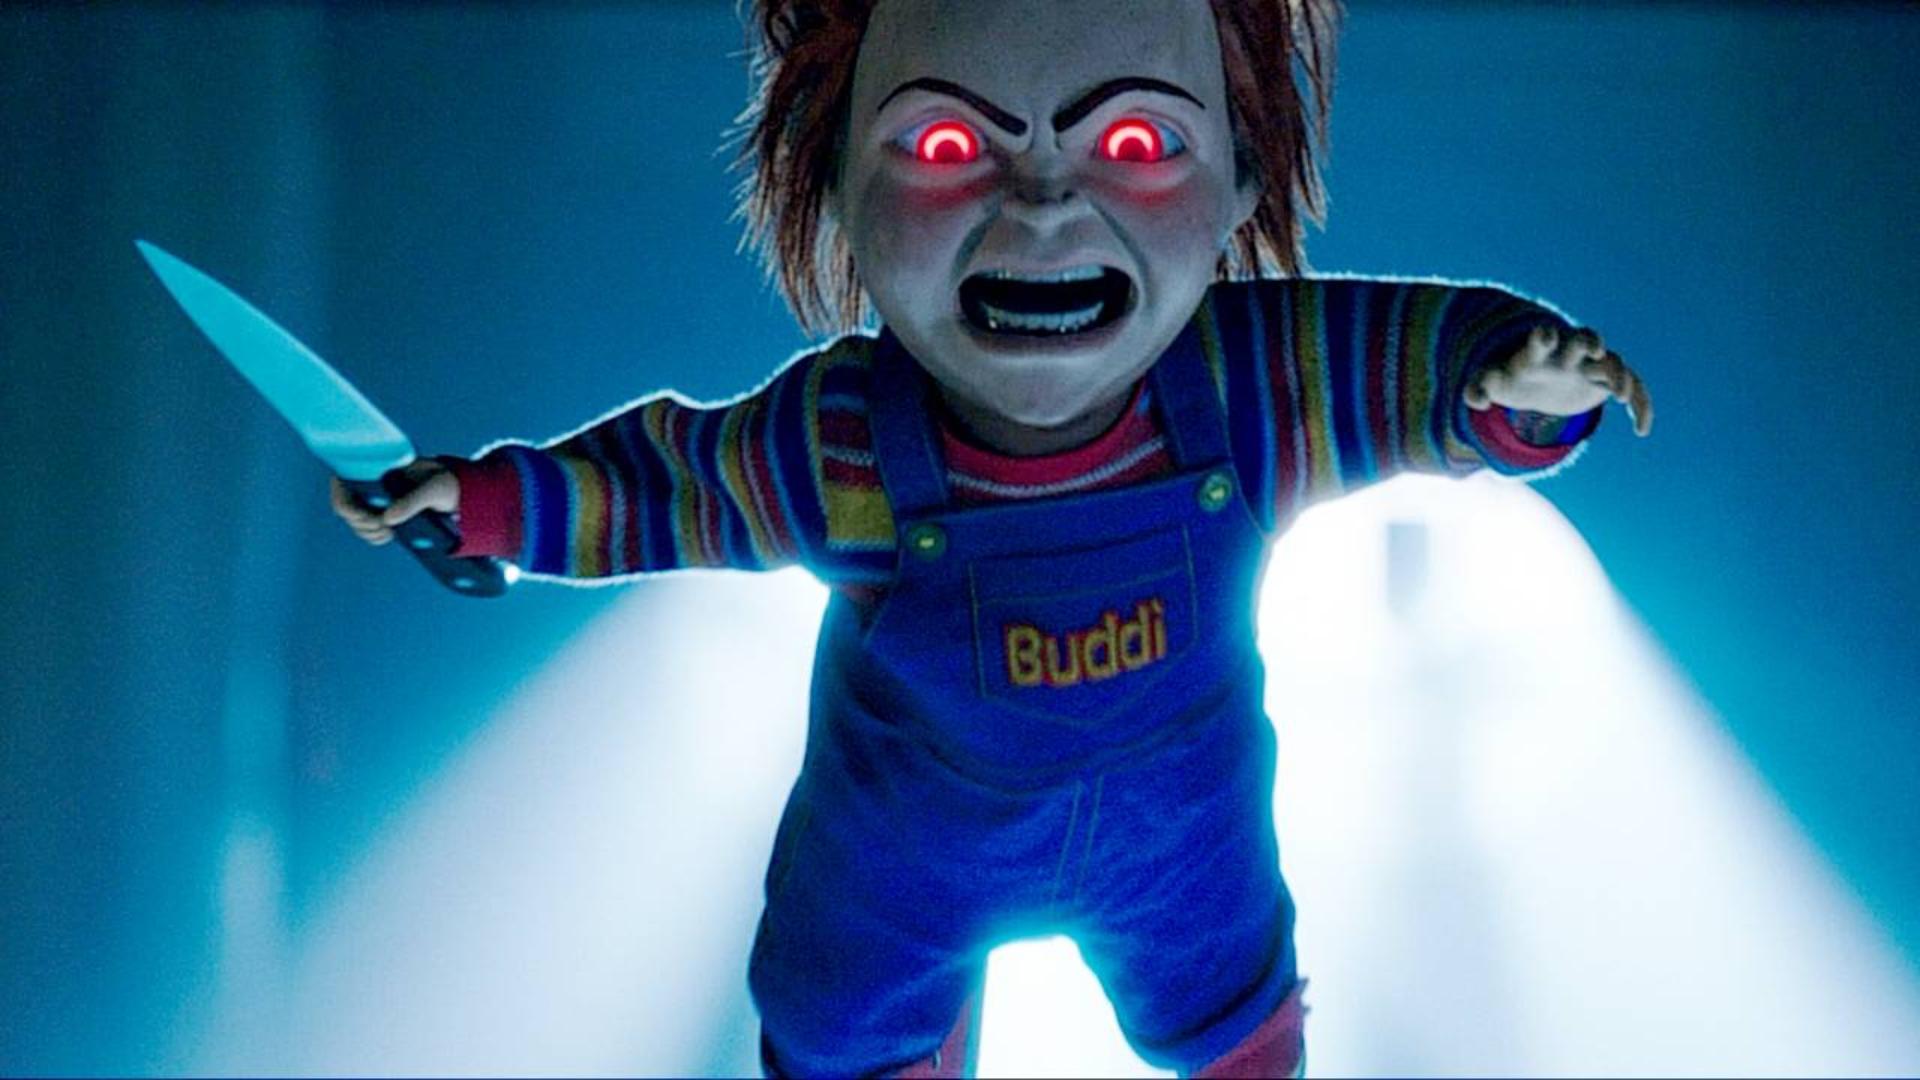 这部电影险些被封杀,竟是因为一个娃娃,爆笑解说《新鬼娃回魂》